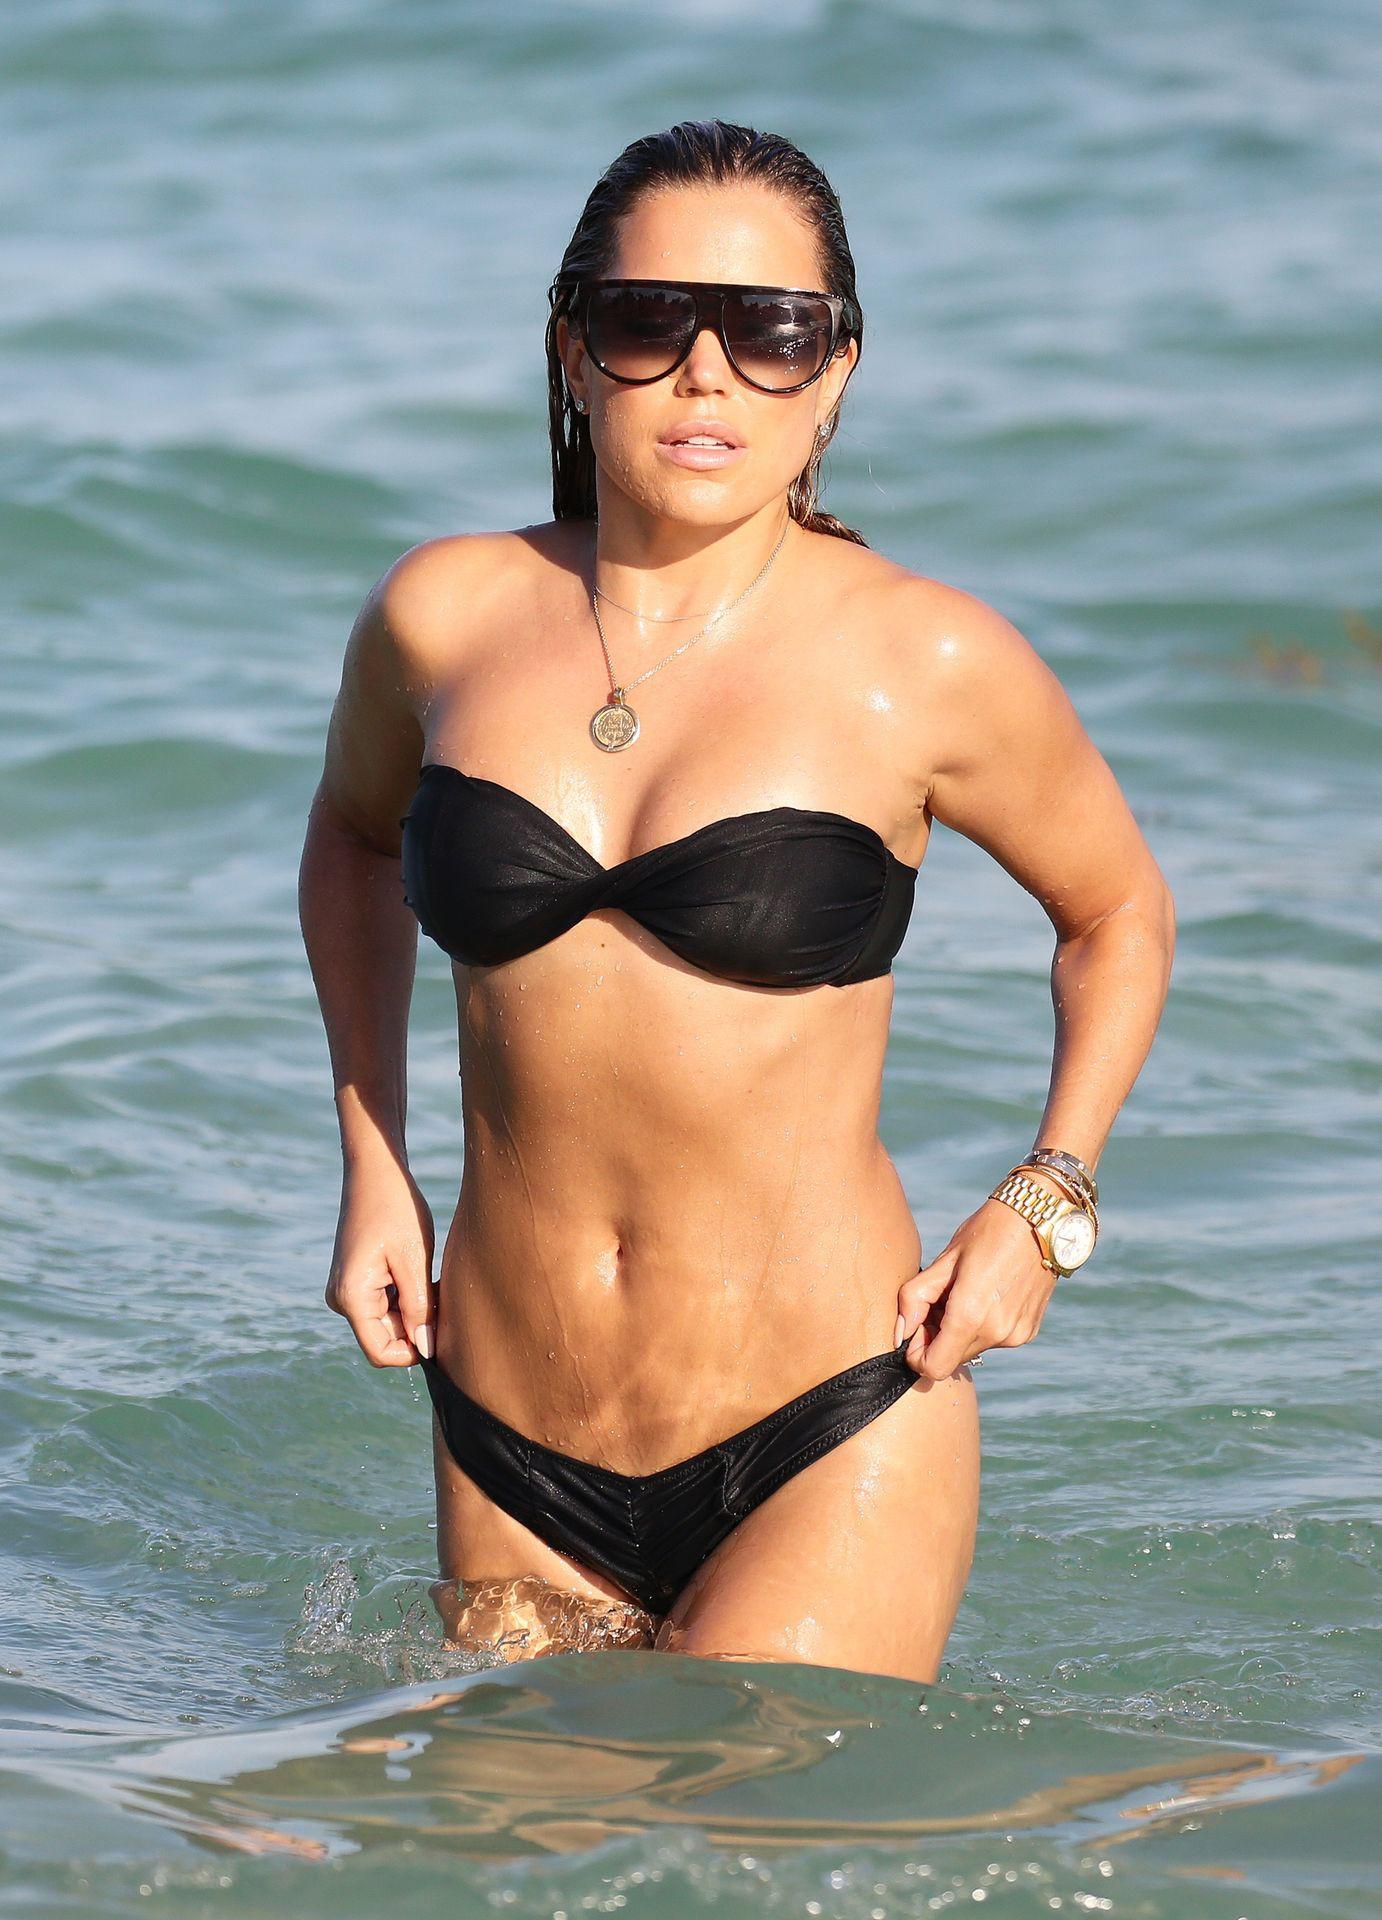 Sylvie Meis Perfect Bikini Body